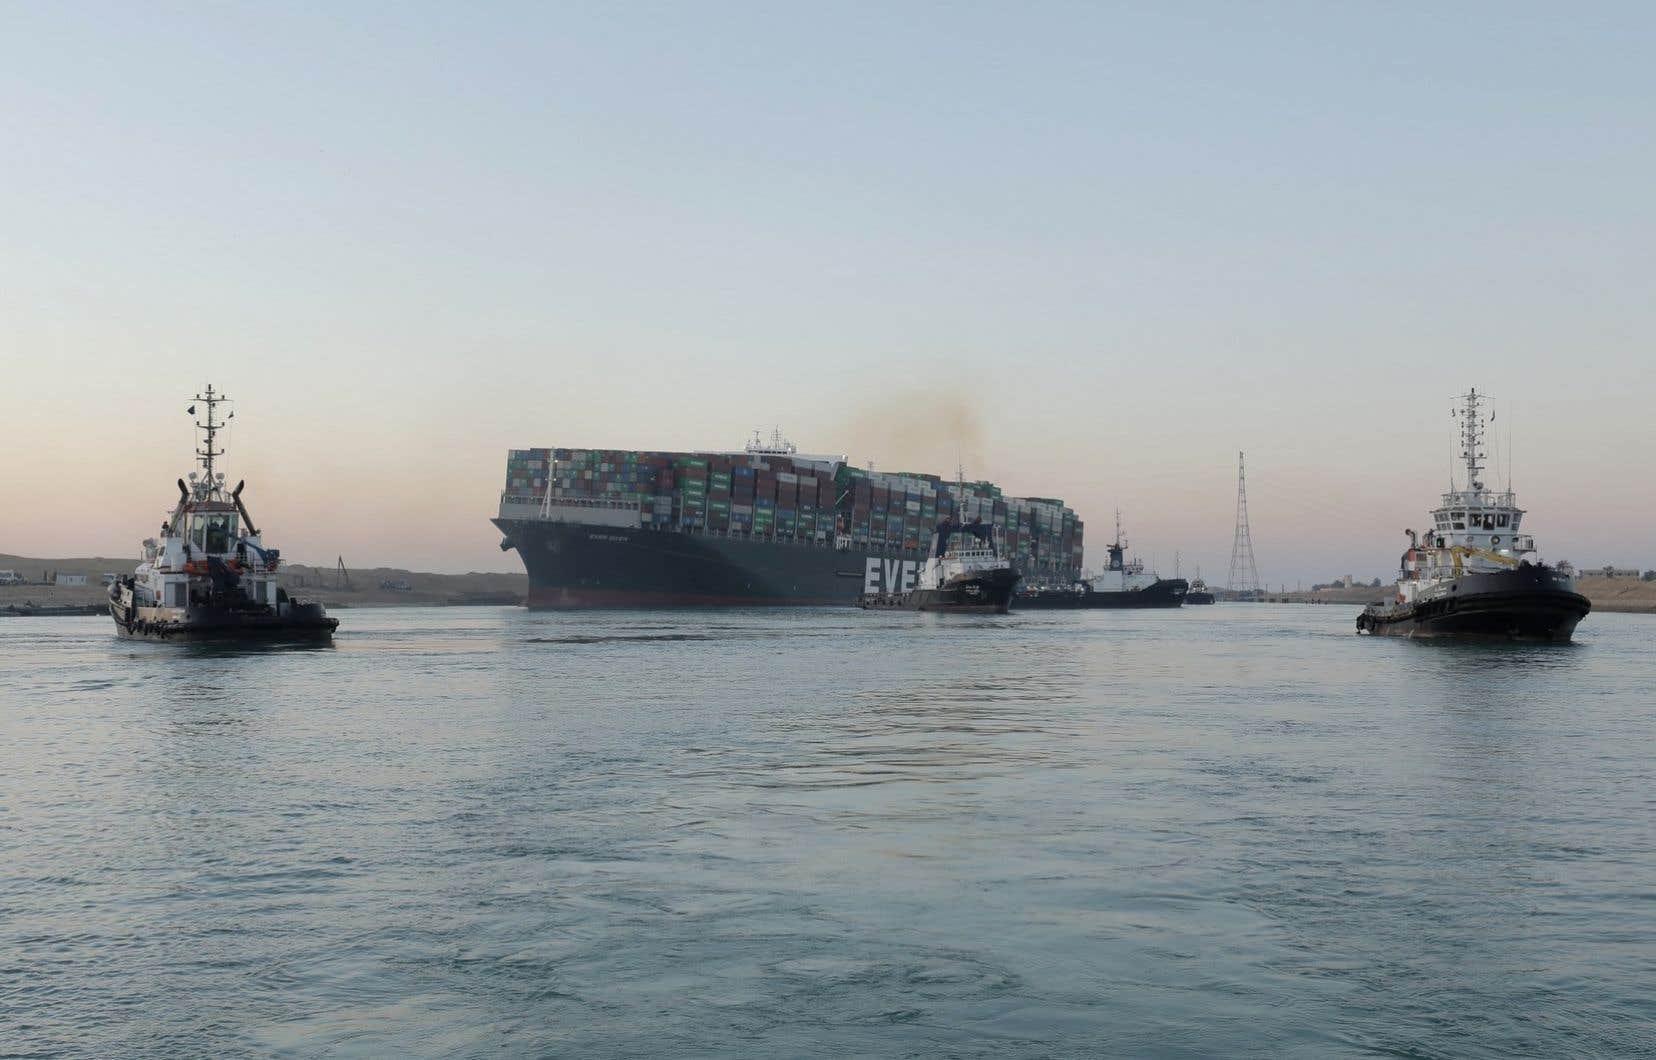 Lundi matin à l'aube, le navire de 400 mètres de long et de plus de 220000 tonnes, battant pavillon panaméen, avait commencé à bouger.